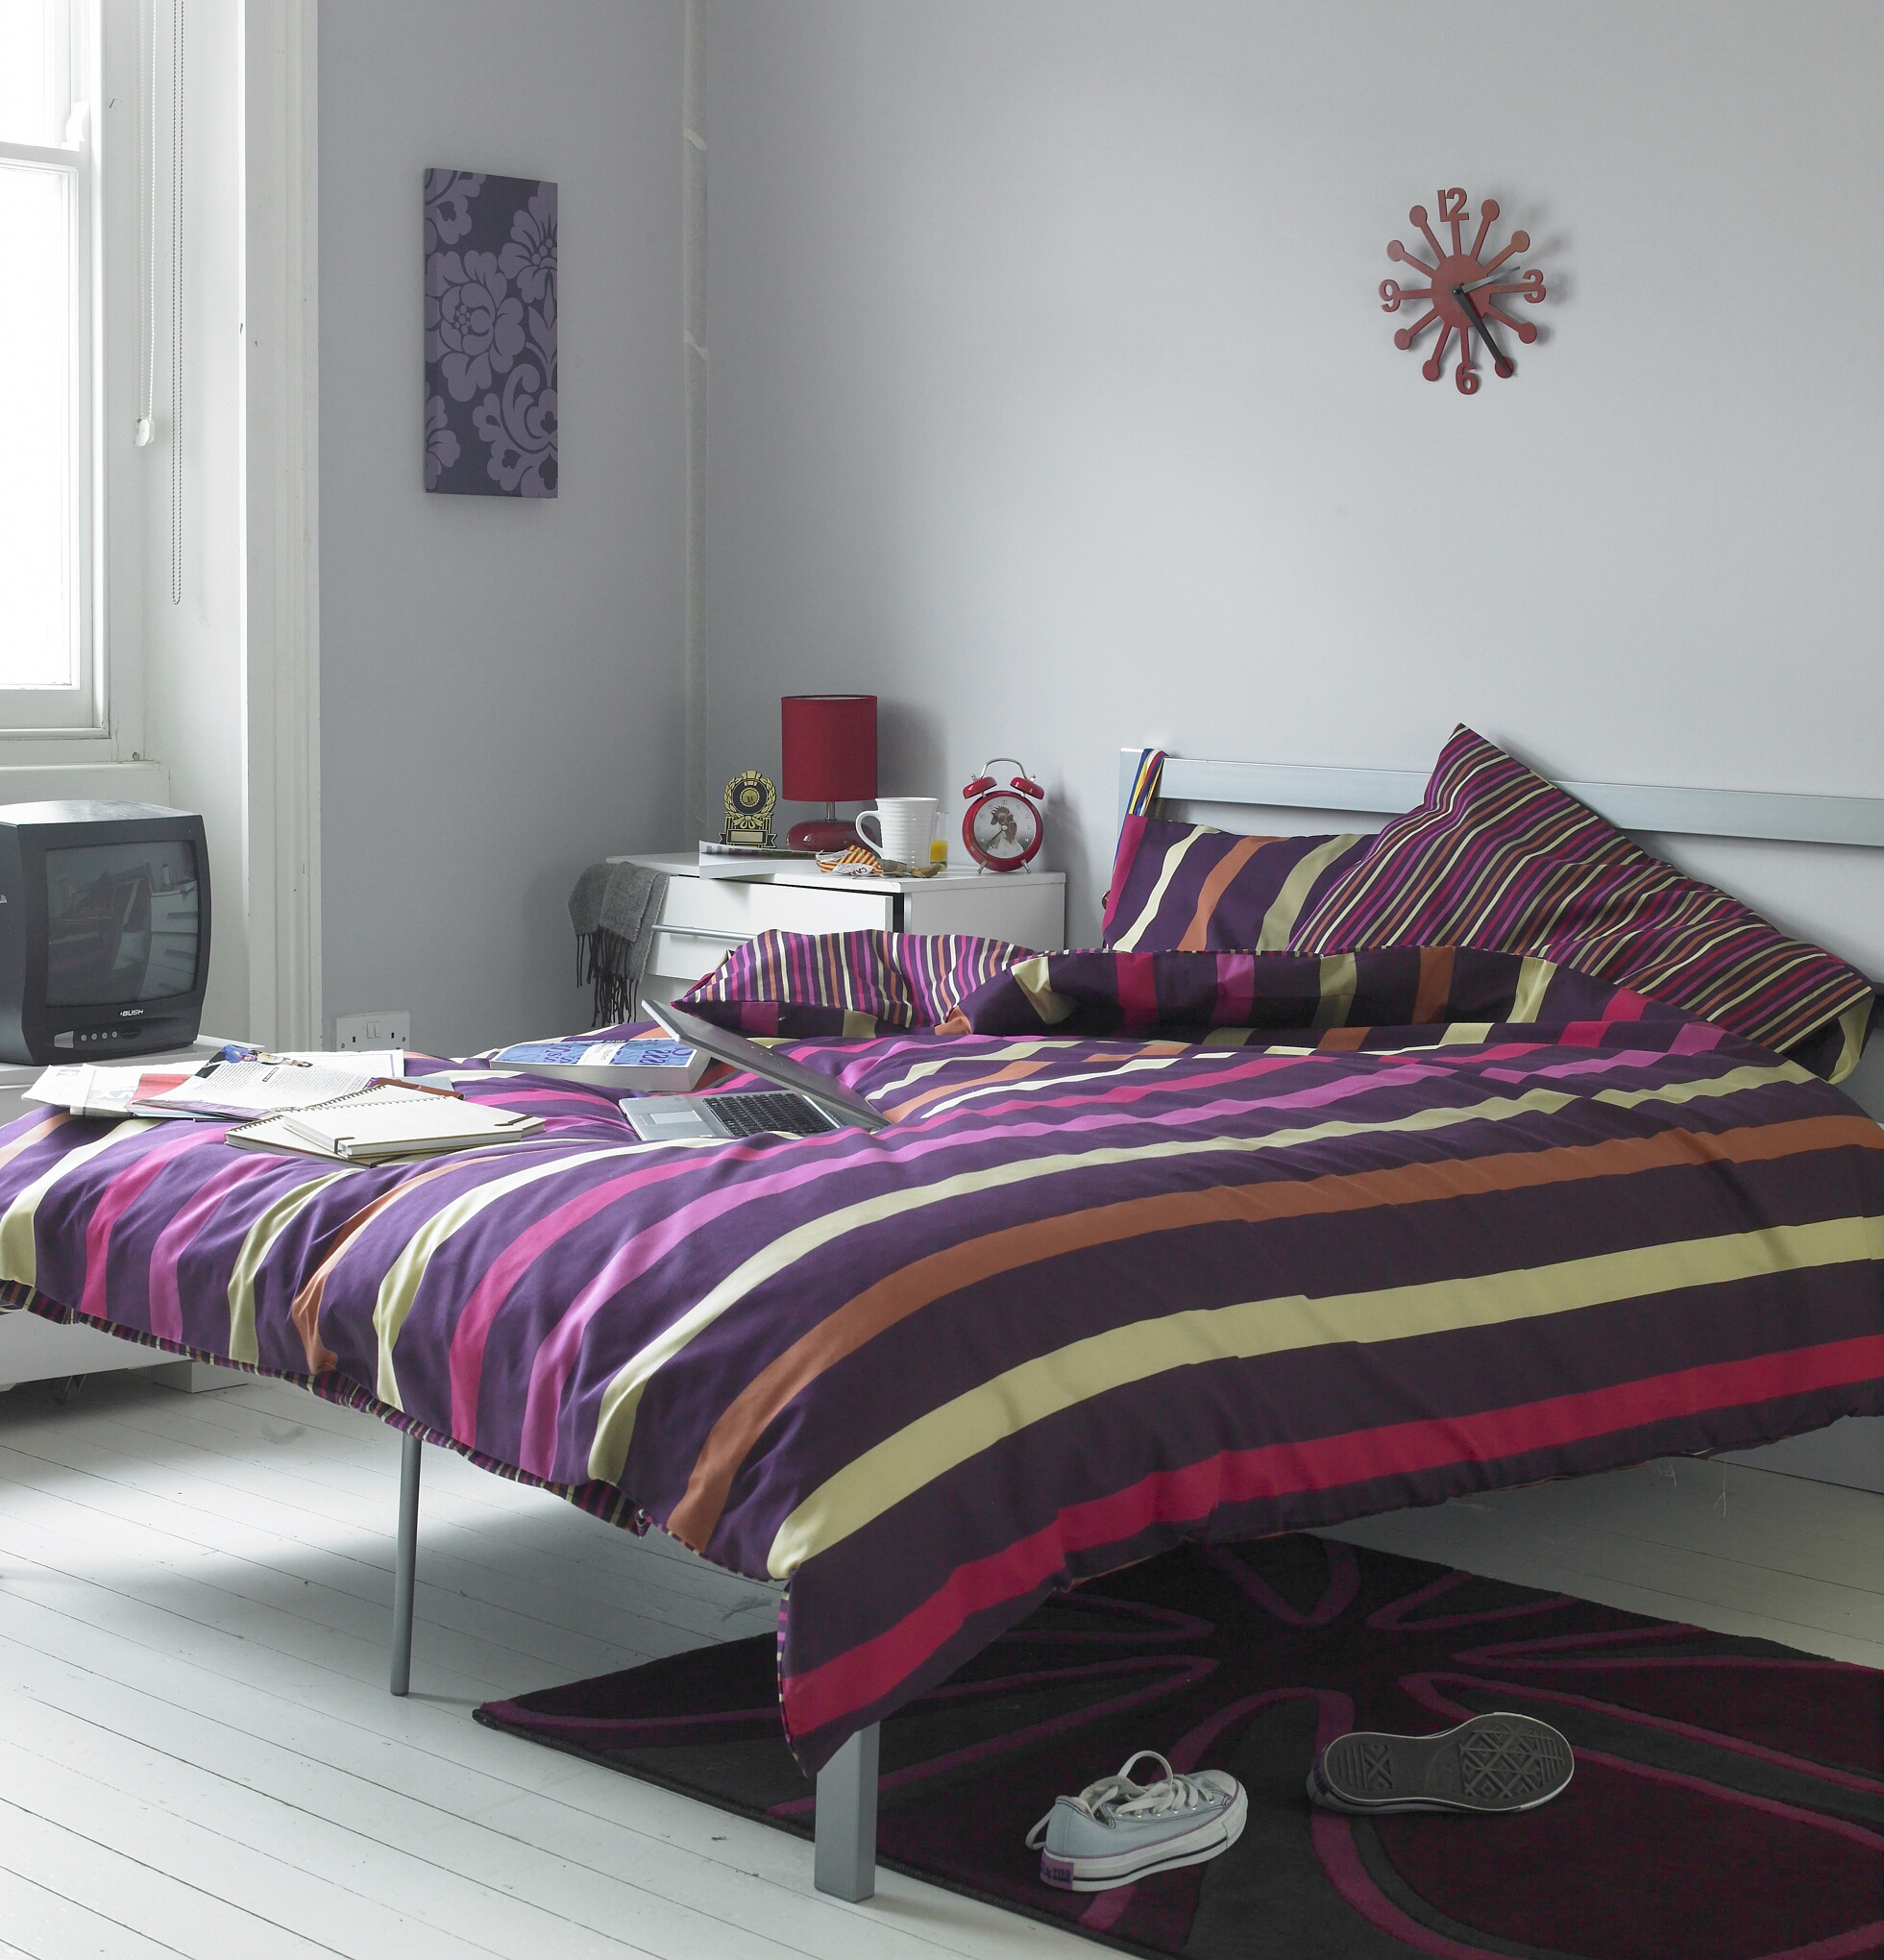 Student_Teenage bedroom.jpg